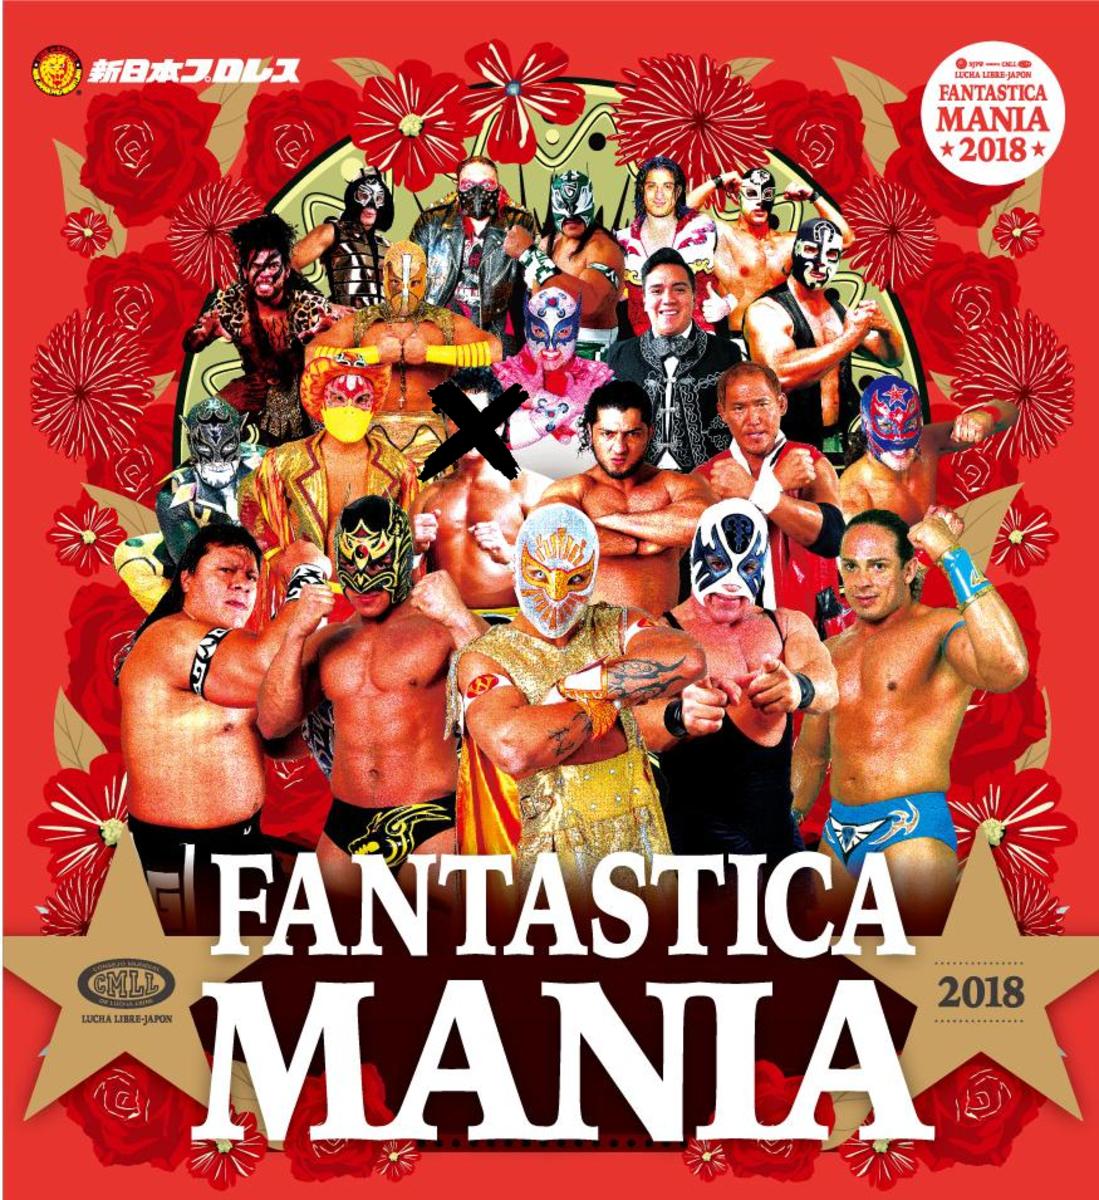 fantasticamania-2018-review-3